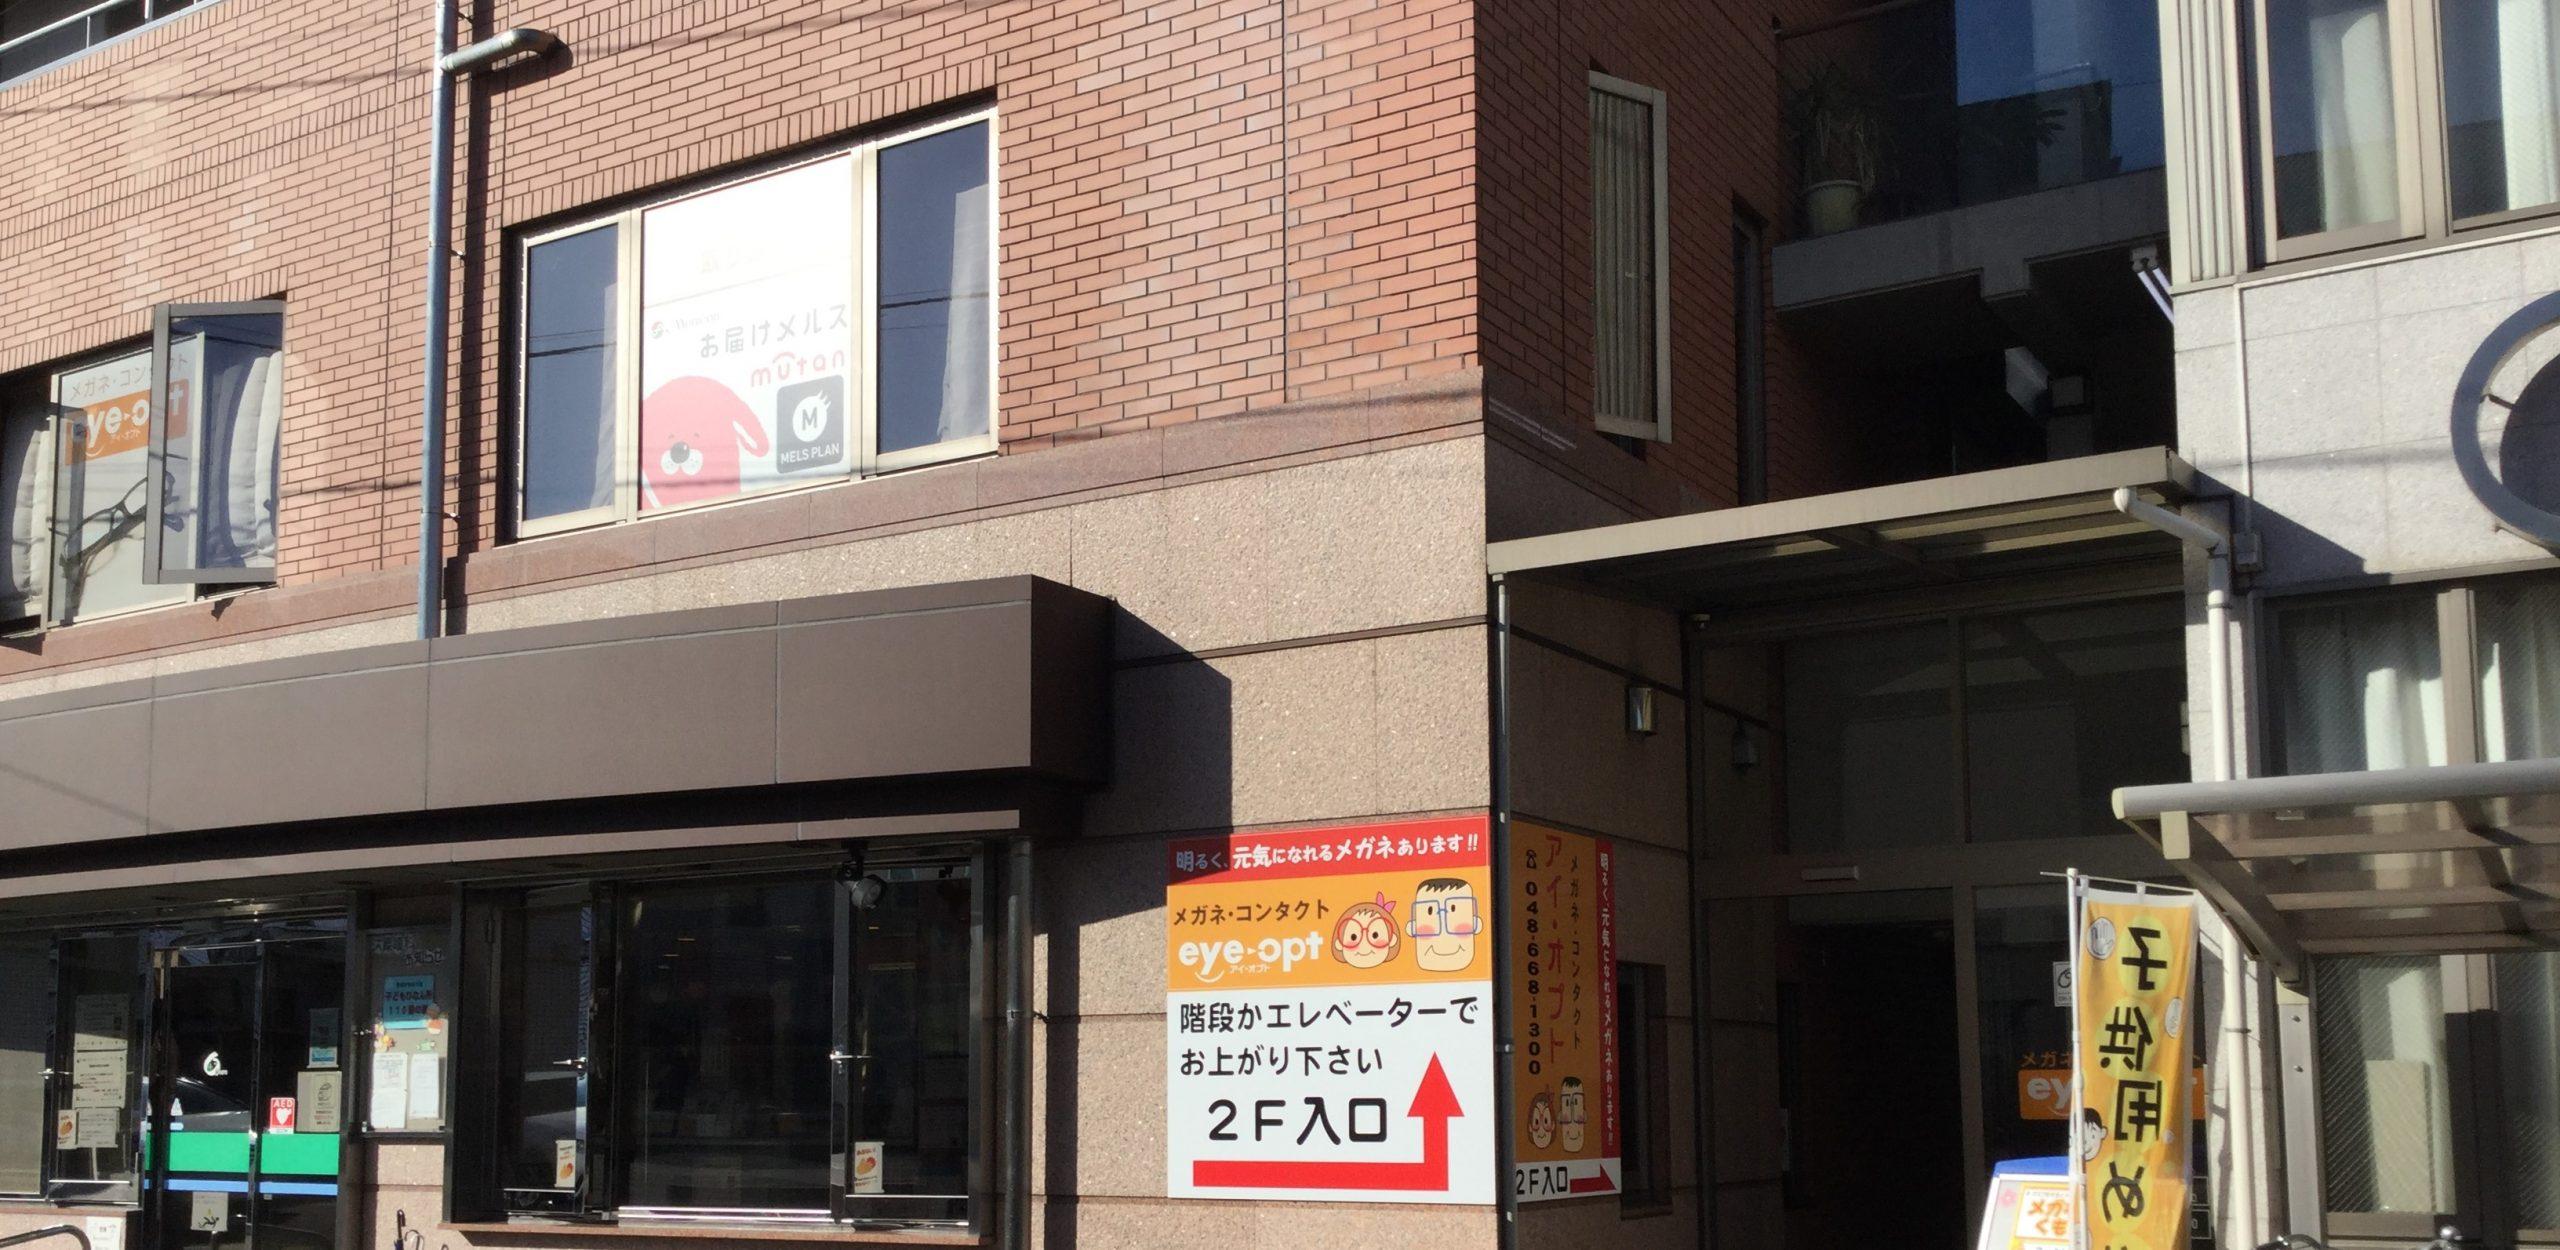 アイ・オプト 日進本店 店内写真